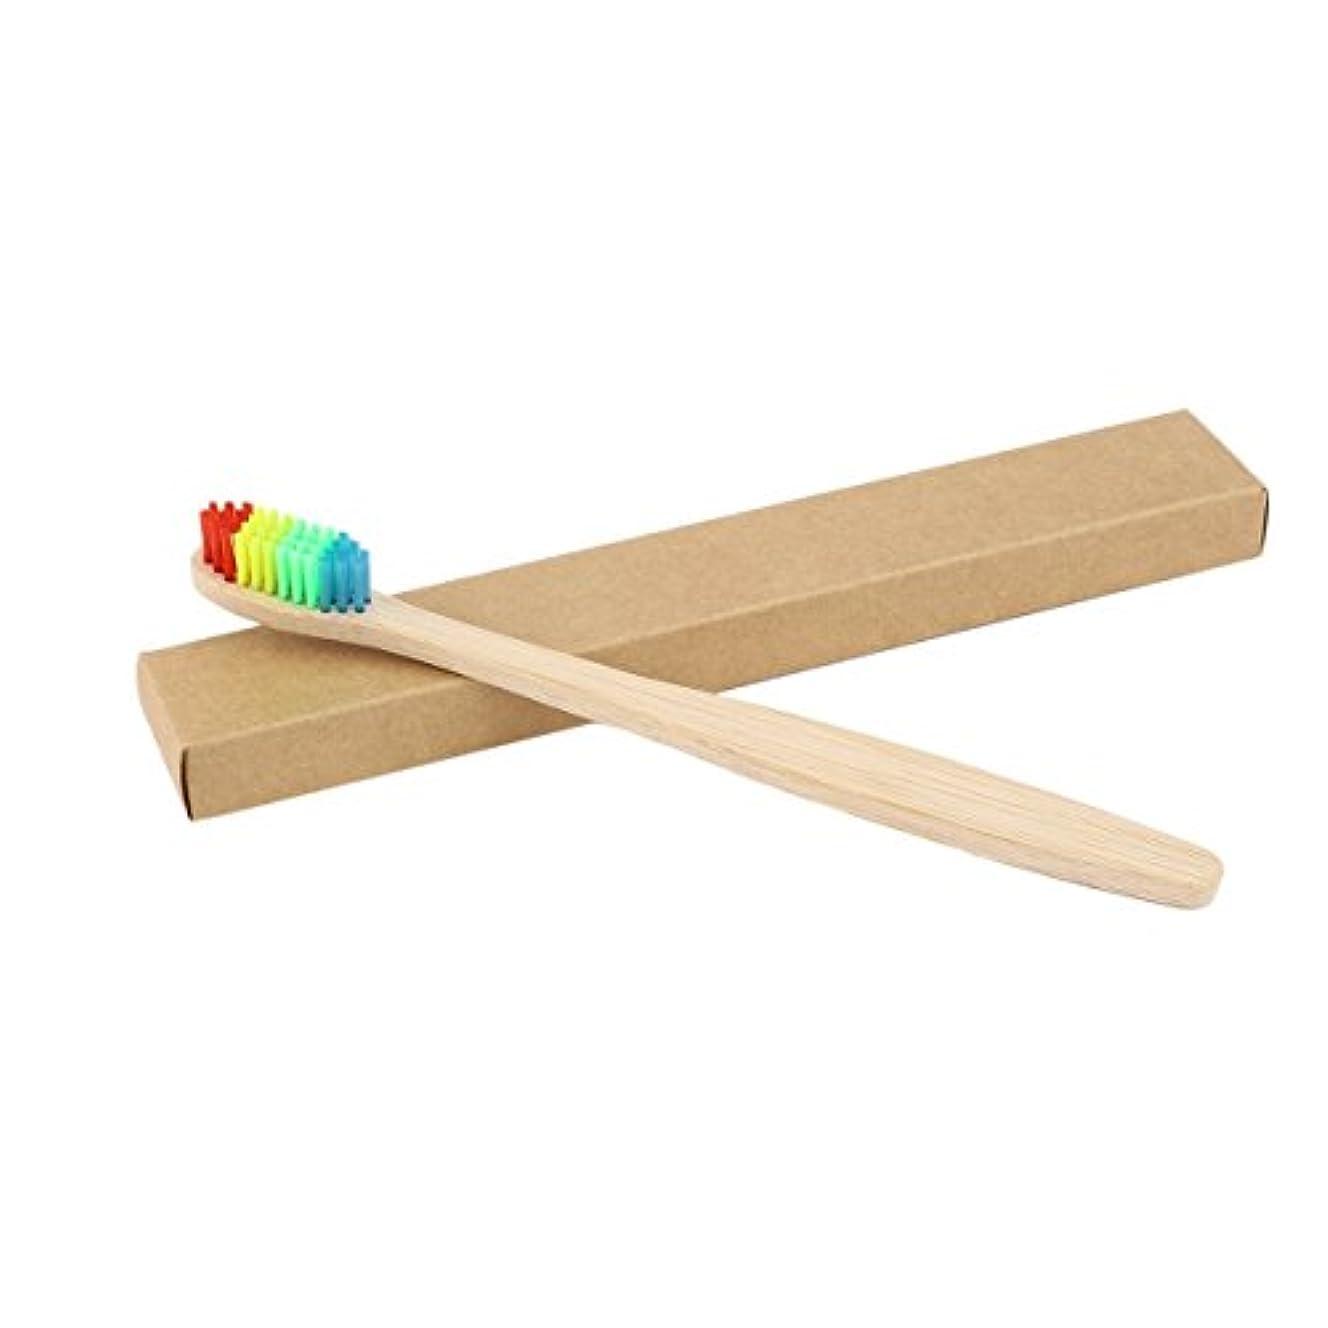 慣習現実噂カラフルな髪+竹のハンドル歯ブラシ環境木製の虹竹の歯ブラシオーラルケアソフト剛毛ユニセックス - ウッドカラー+カラフル